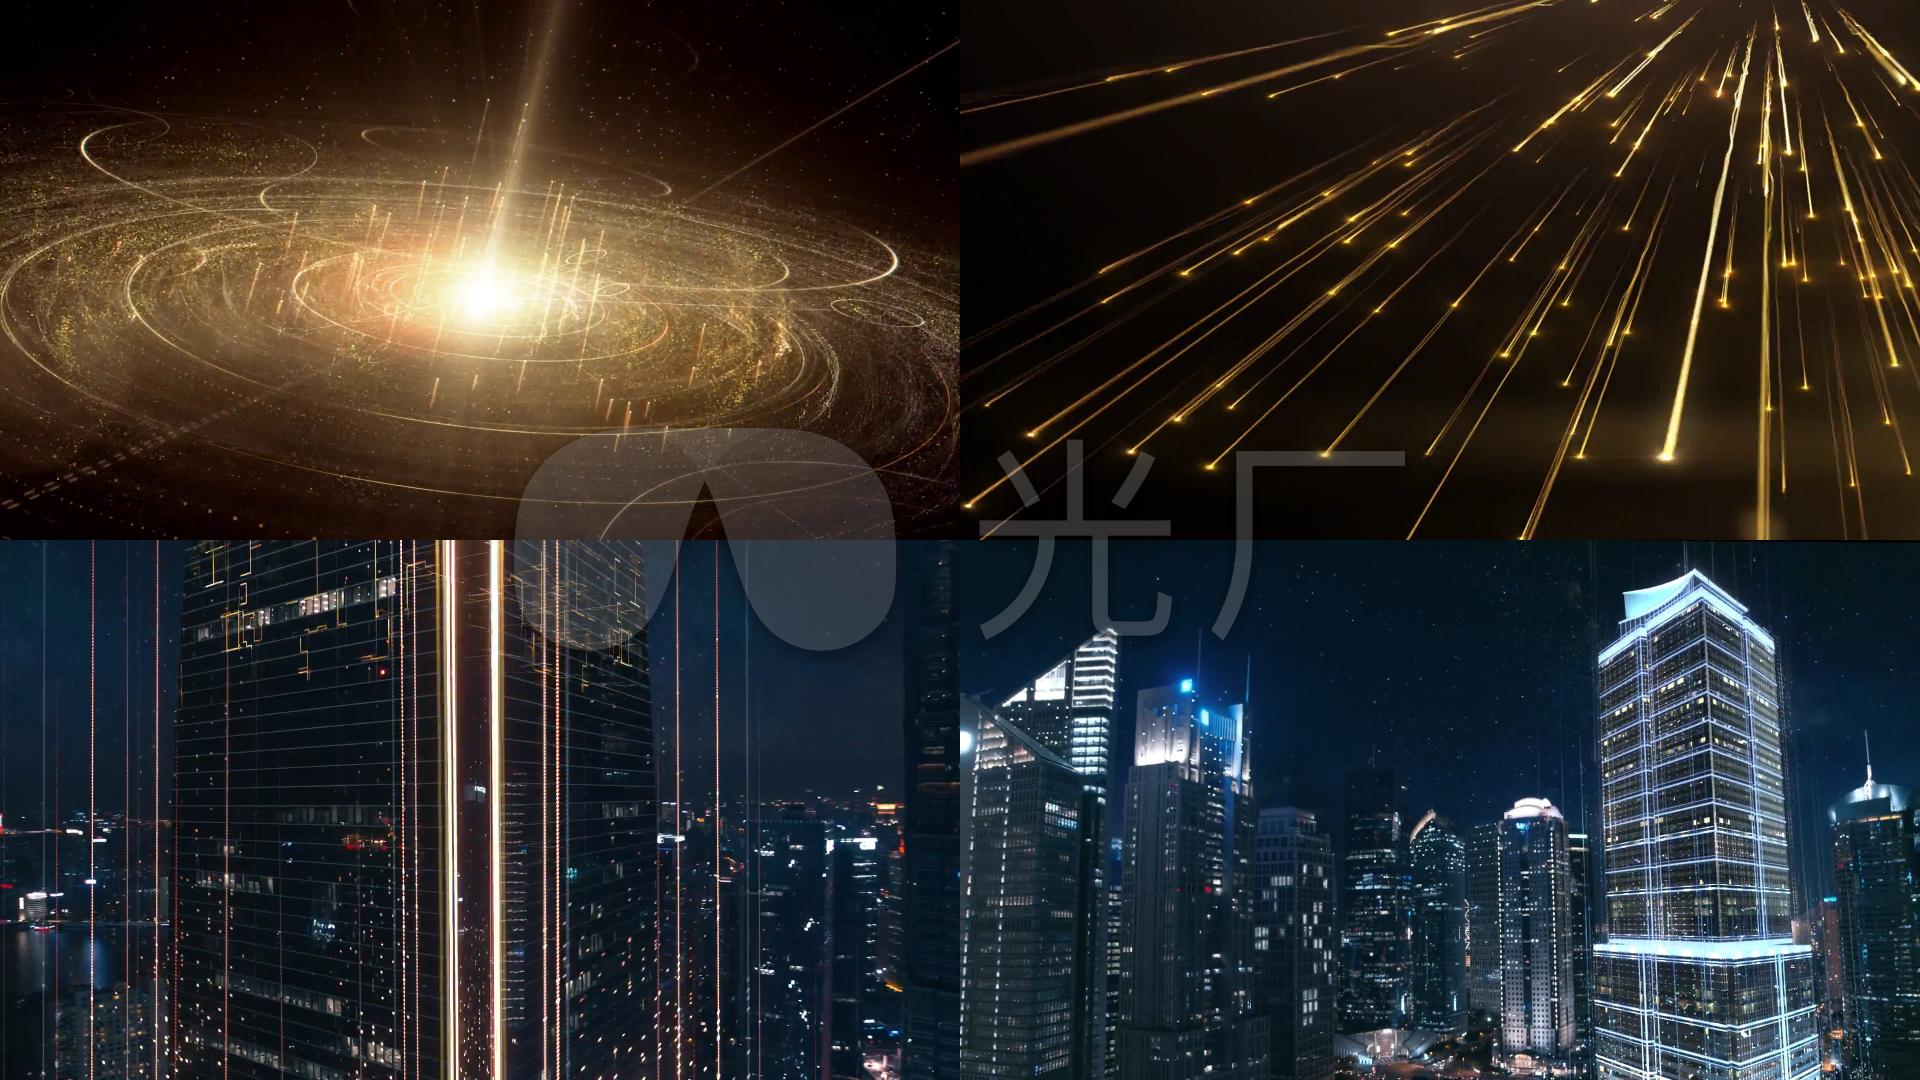 科技光线未来城市